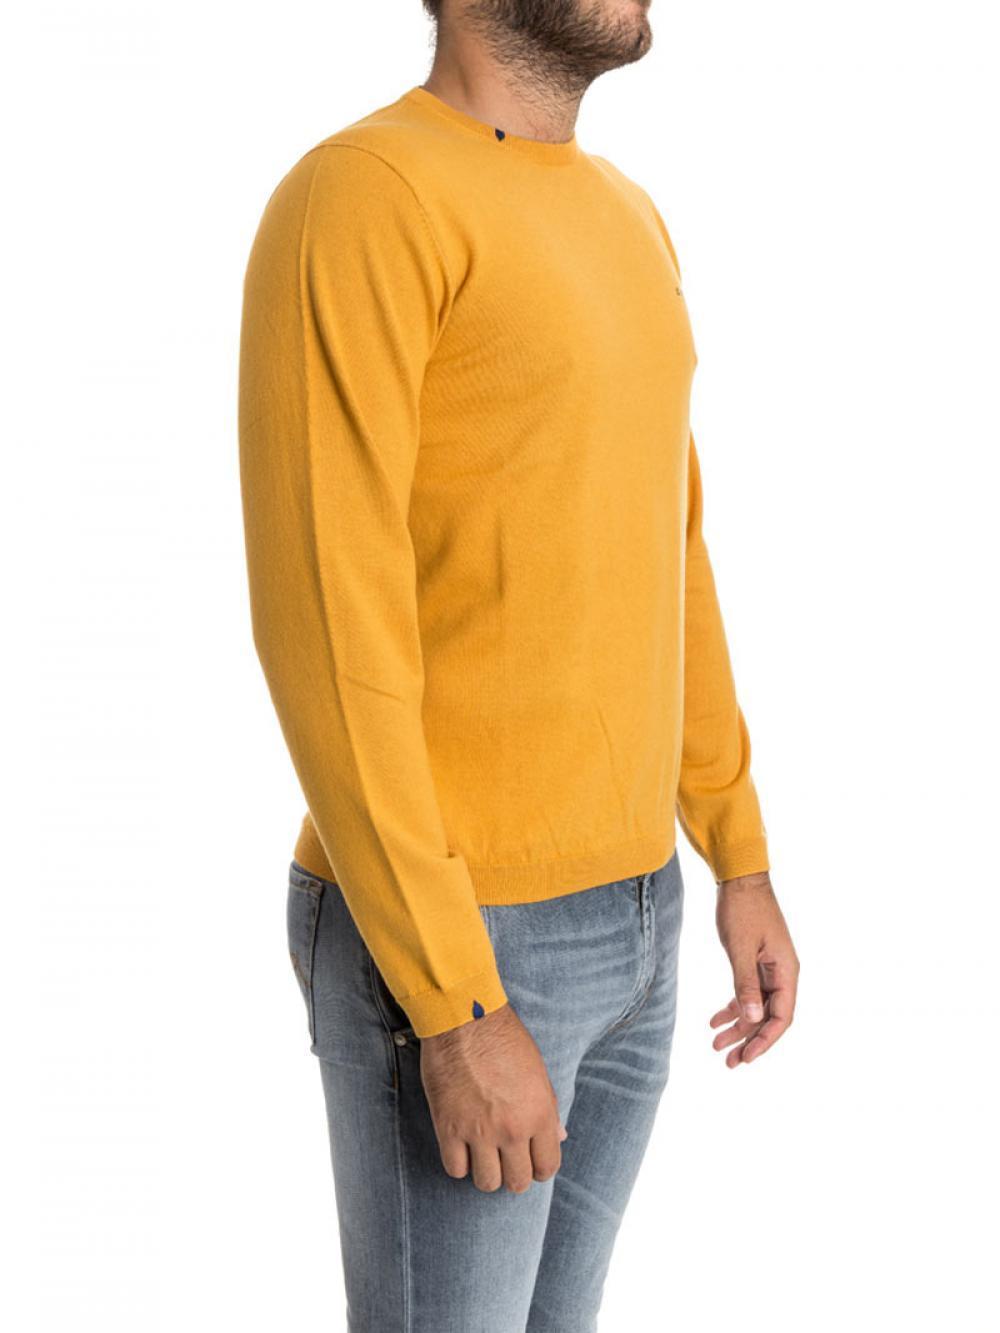 sweater-sun68-cod-2714